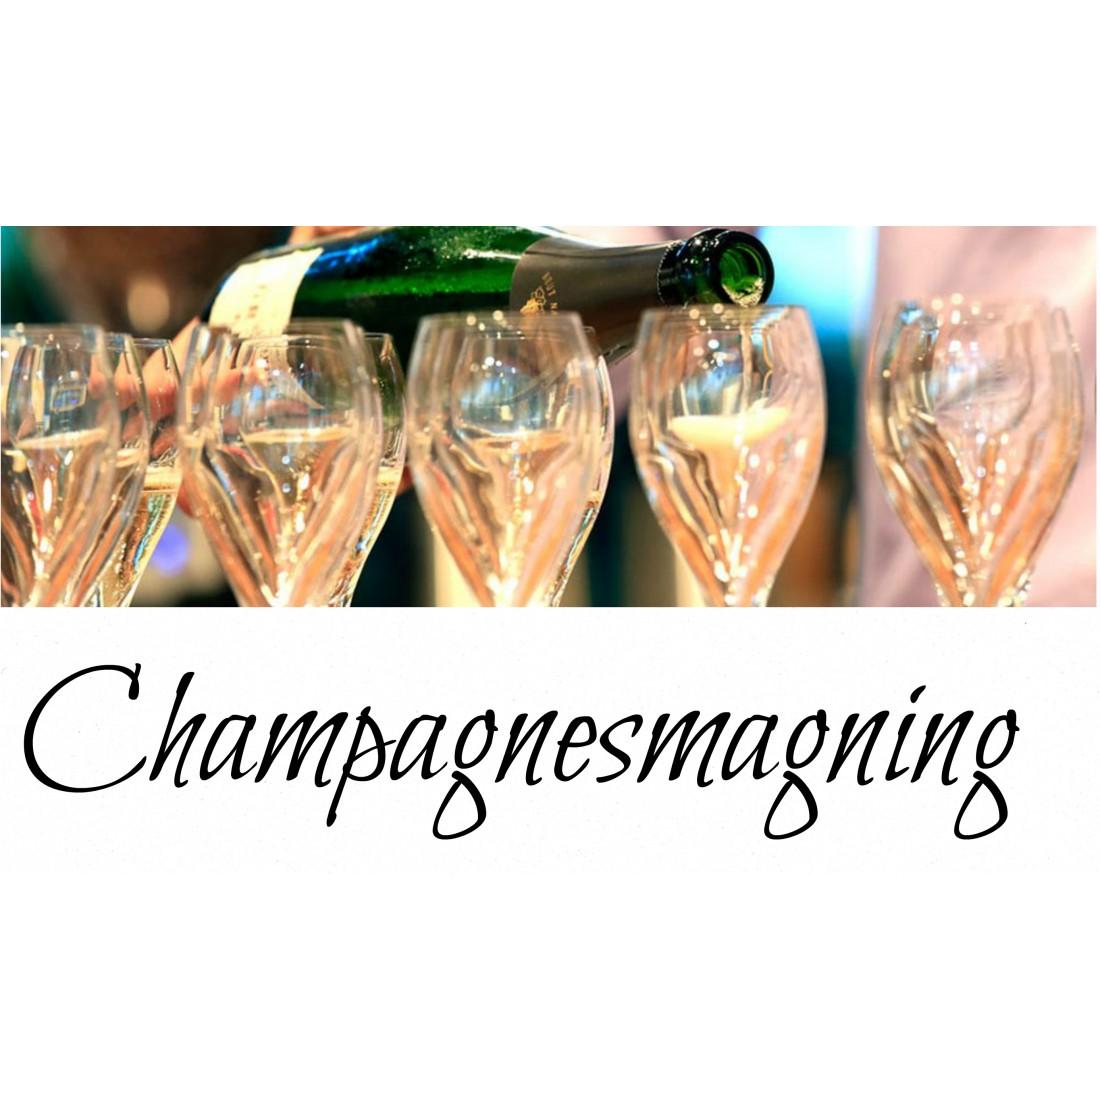 Champagnesmagninglrdagden9oktoberkl1500hosSmagFrstirhus-31